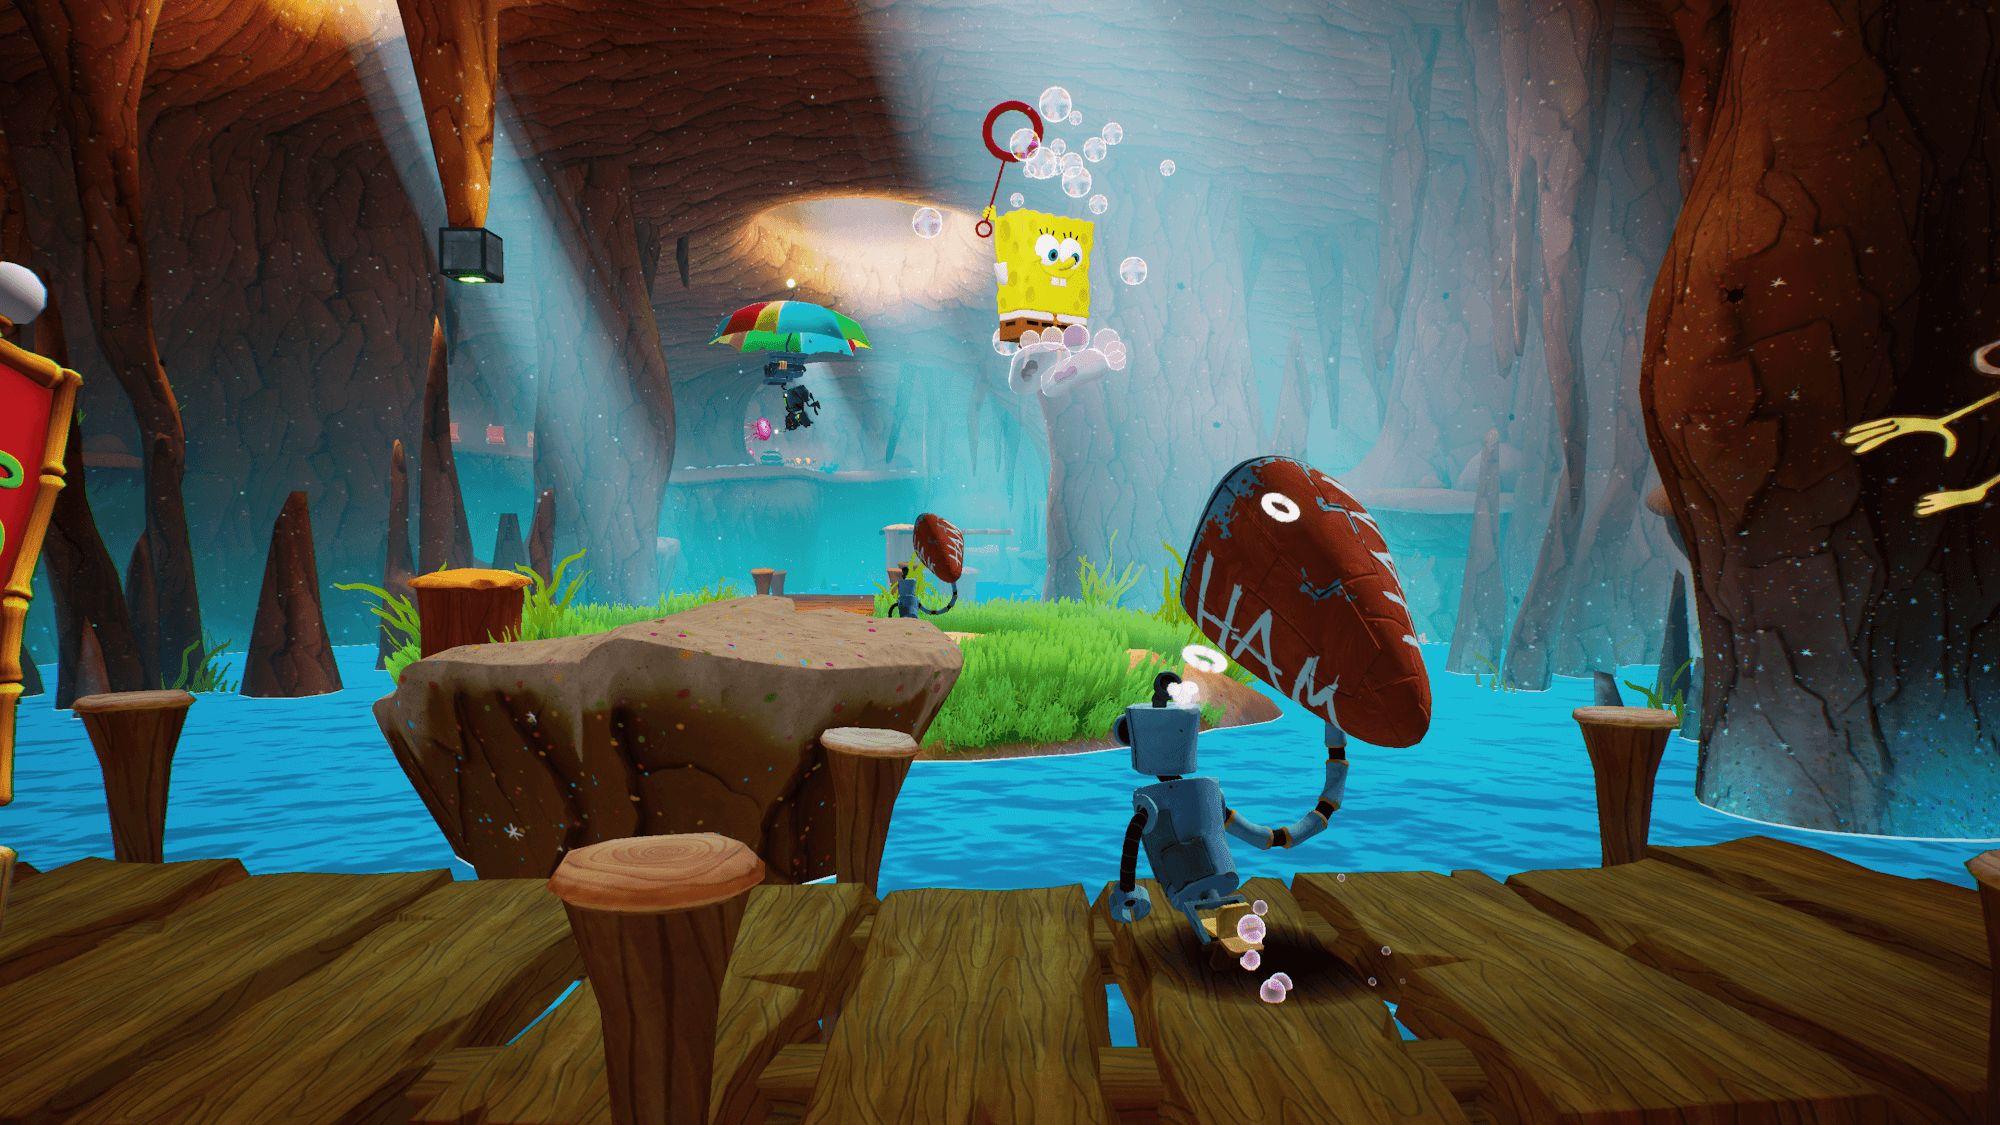 SpongeBob SquarePants: Battle for Bikini Bottom for Android